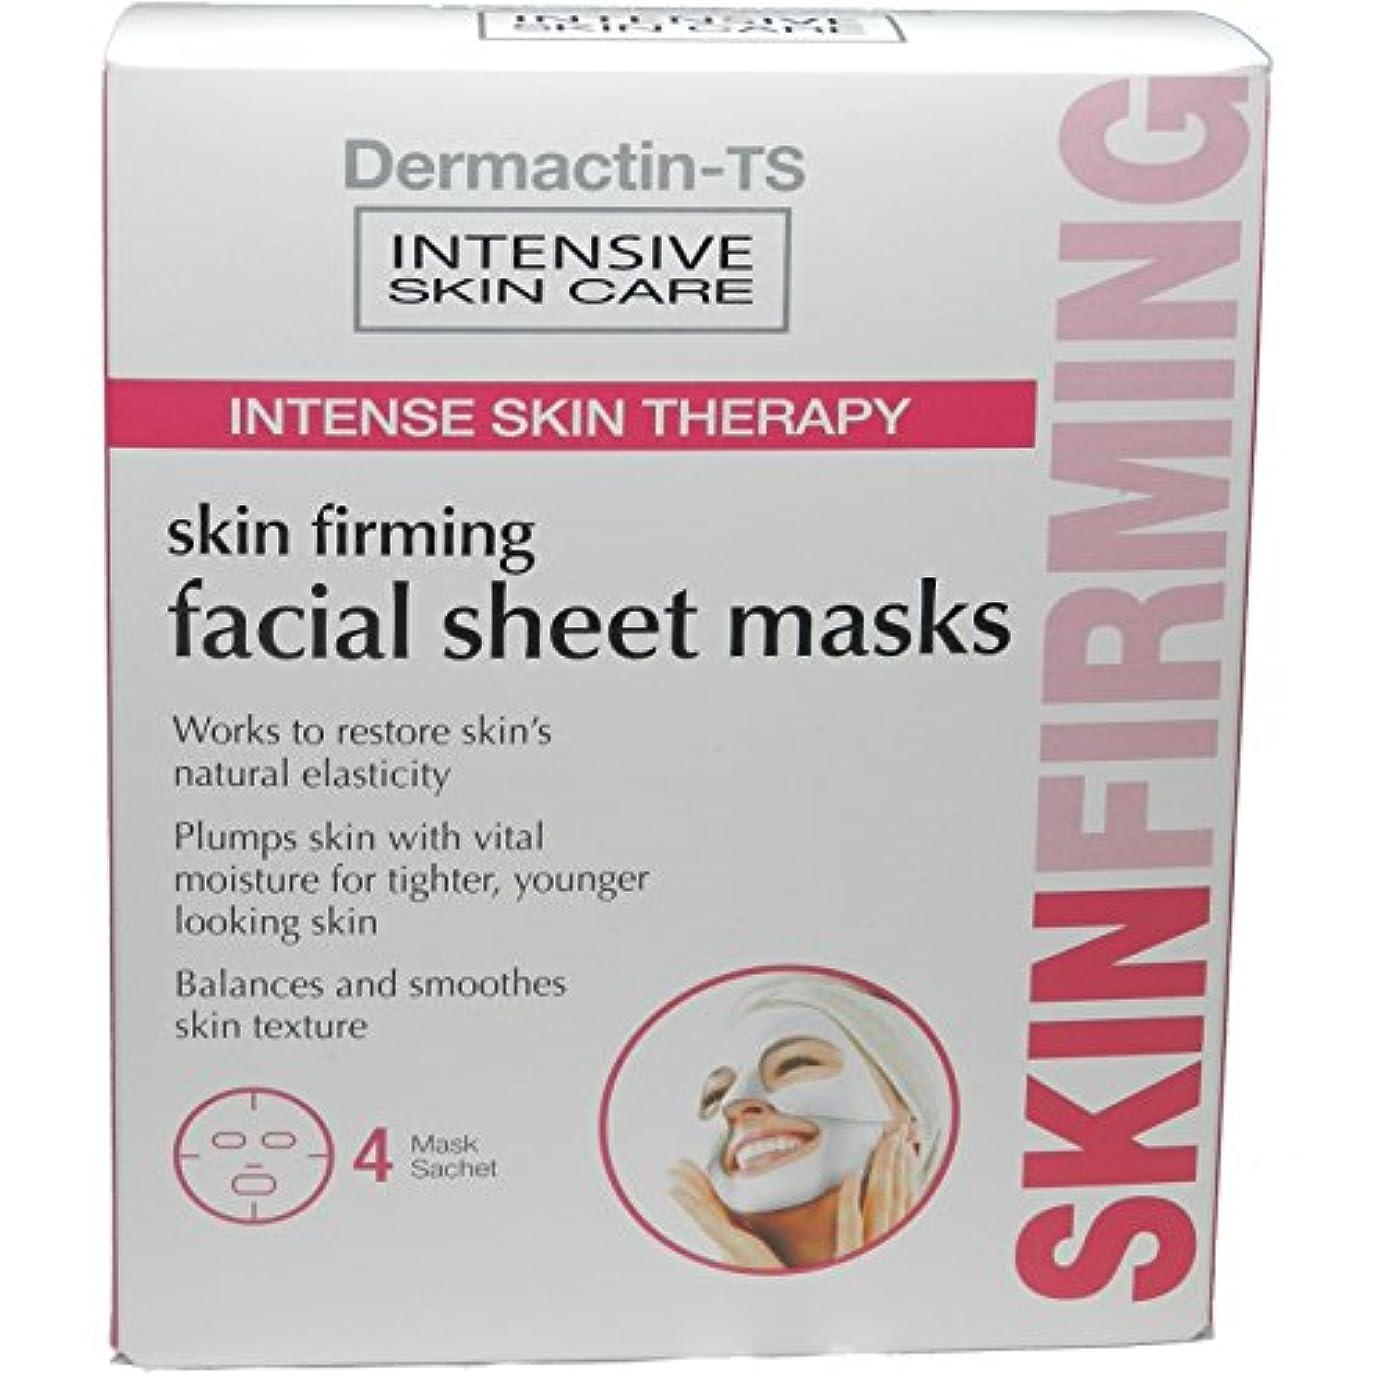 聖職者接続された恐怖症Dermactin-TS 激しいスキンセラピースキンファーミングフェイシャルマスク4カウント(2パック) (並行輸入品)